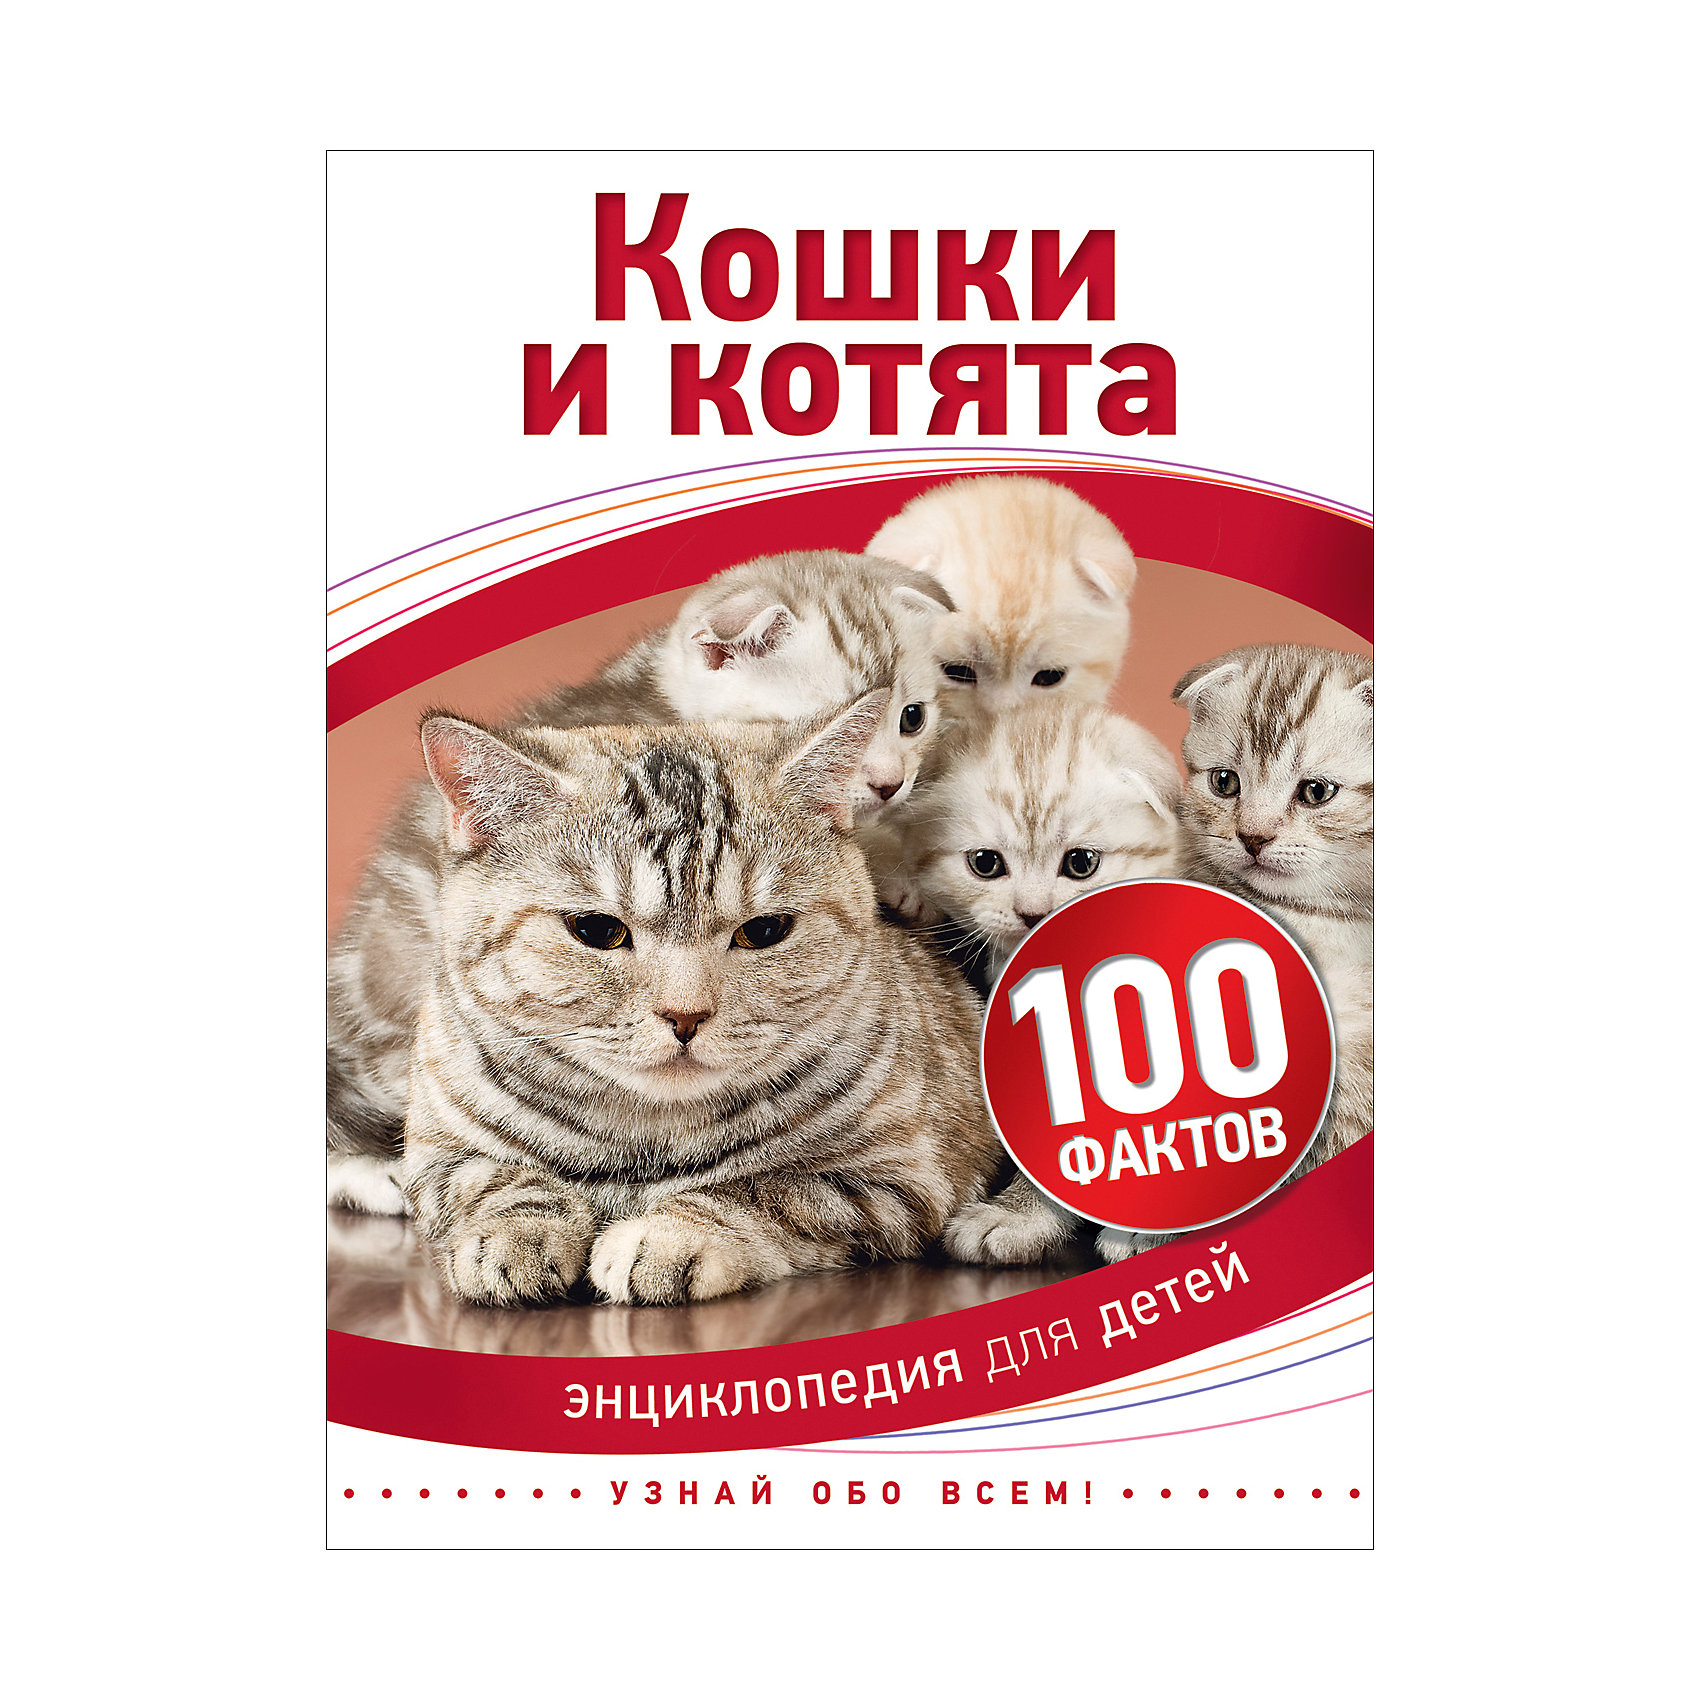 Кошки и котята (100 фактов)Энциклопедии о животных<br>Характеристики товара:<br><br>- цвет: разноцветный;<br>- материал: бумага;<br>- страниц: 48;<br>- формат: 17 х 21 см;<br>- обложка: твердая;<br>- цветные иллюстрации.<br><br>Эта интересная книга с иллюстрациями станет отличным подарком для ребенка. Она содержит в себе ответы на вопросы, которые интересуют малышей. Всё представлено в очень простой форме! Талантливый иллюстратор дополнил книгу качественными рисунками, которые помогают ребенку понять суть многих вещей в нашем мире. Удивительные и интересные факты помогут привить любовь к учебе!<br>Чтение - отличный способ активизации мышления, оно помогает ребенку развивать зрительную память, концентрацию внимания и воображение. Издание произведено из качественных материалов, которые безопасны даже для самых маленьких.<br><br>Книгу Кошки и котята (100 фактов) от компании Росмэн можно купить в нашем интернет-магазине.<br><br>Ширина мм: 220<br>Глубина мм: 165<br>Высота мм: 8<br>Вес г: 188<br>Возраст от месяцев: 60<br>Возраст до месяцев: 84<br>Пол: Унисекс<br>Возраст: Детский<br>SKU: 5109947